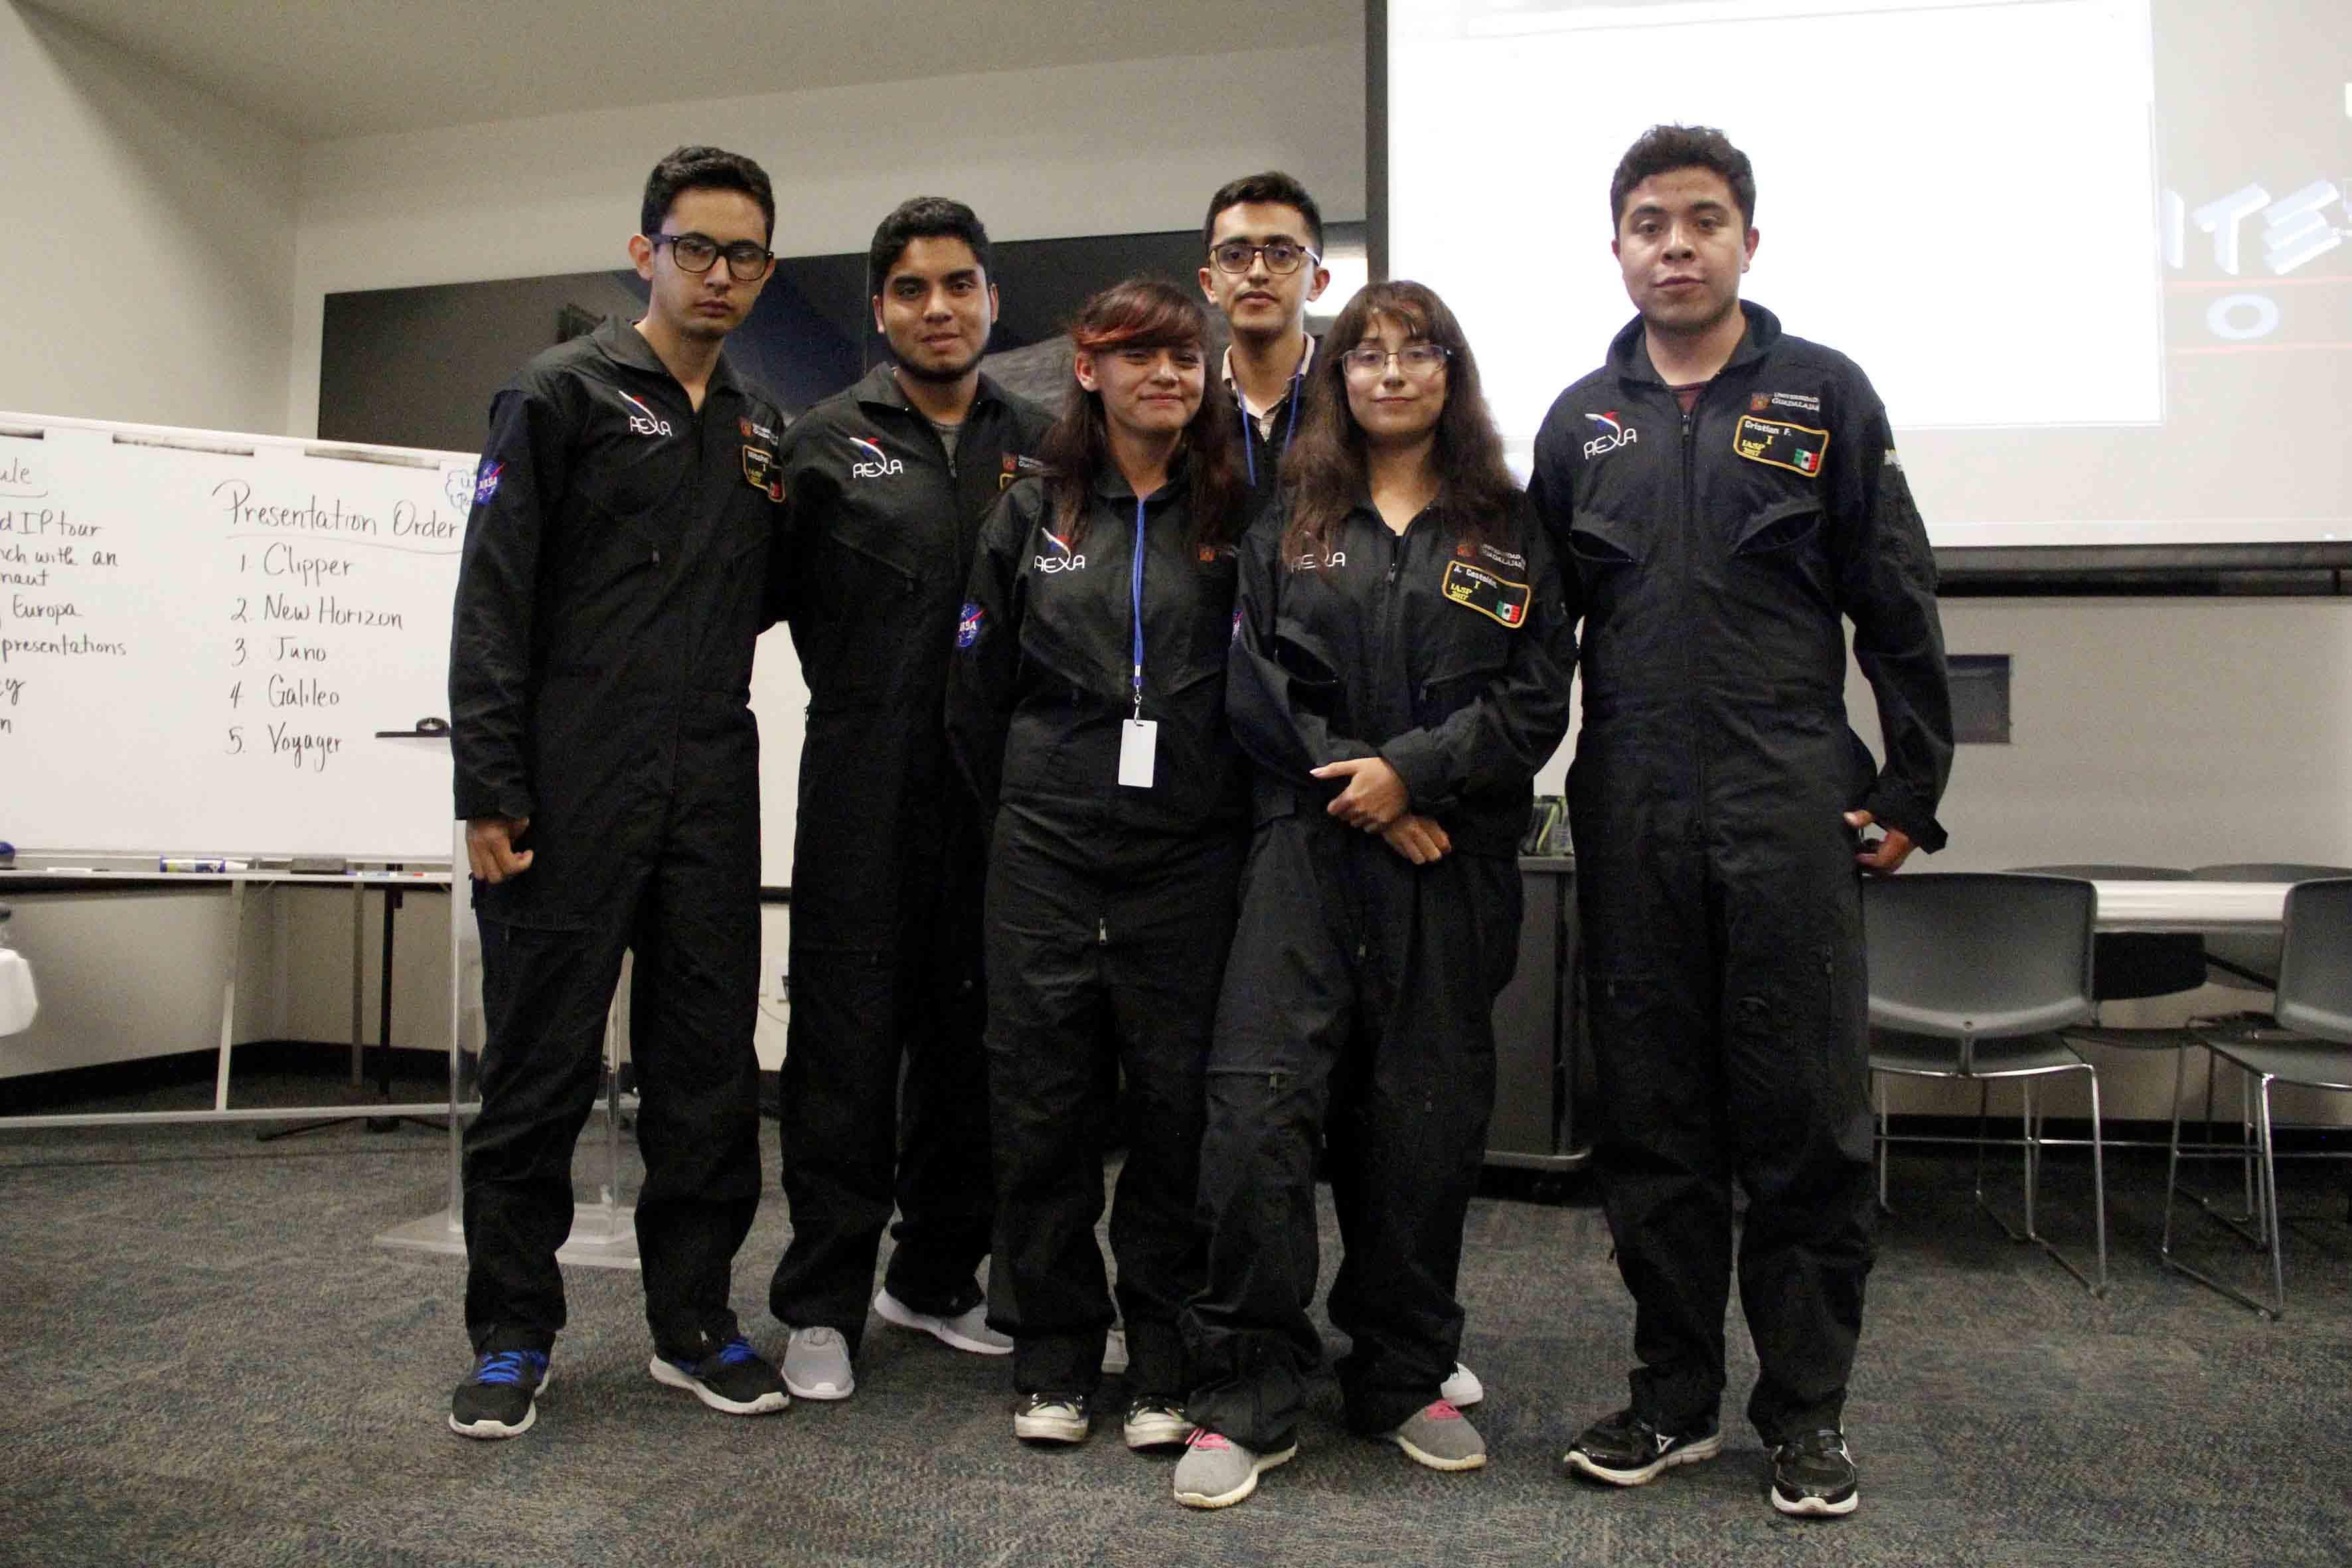 Estudiantes de la Universidad de Guadalajara ganadores de las actividades del International Air and Space Program 2017.en Houston, Texas, durante una semana para participar en el (IASP 2017